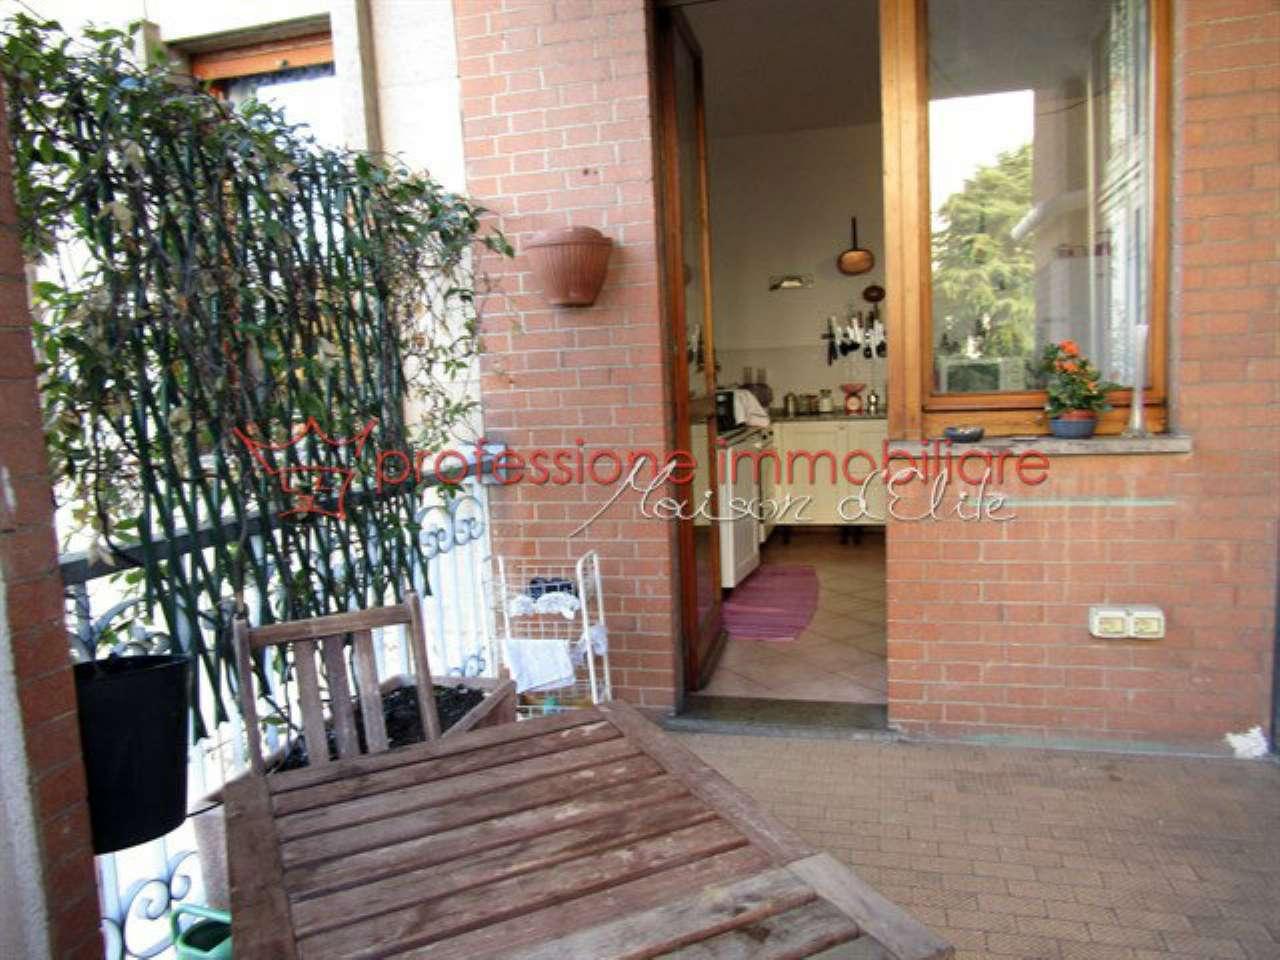 Foto 11 di Appartamento corso Francia, Torino (zona Cit Turin, San Donato, Campidoglio)